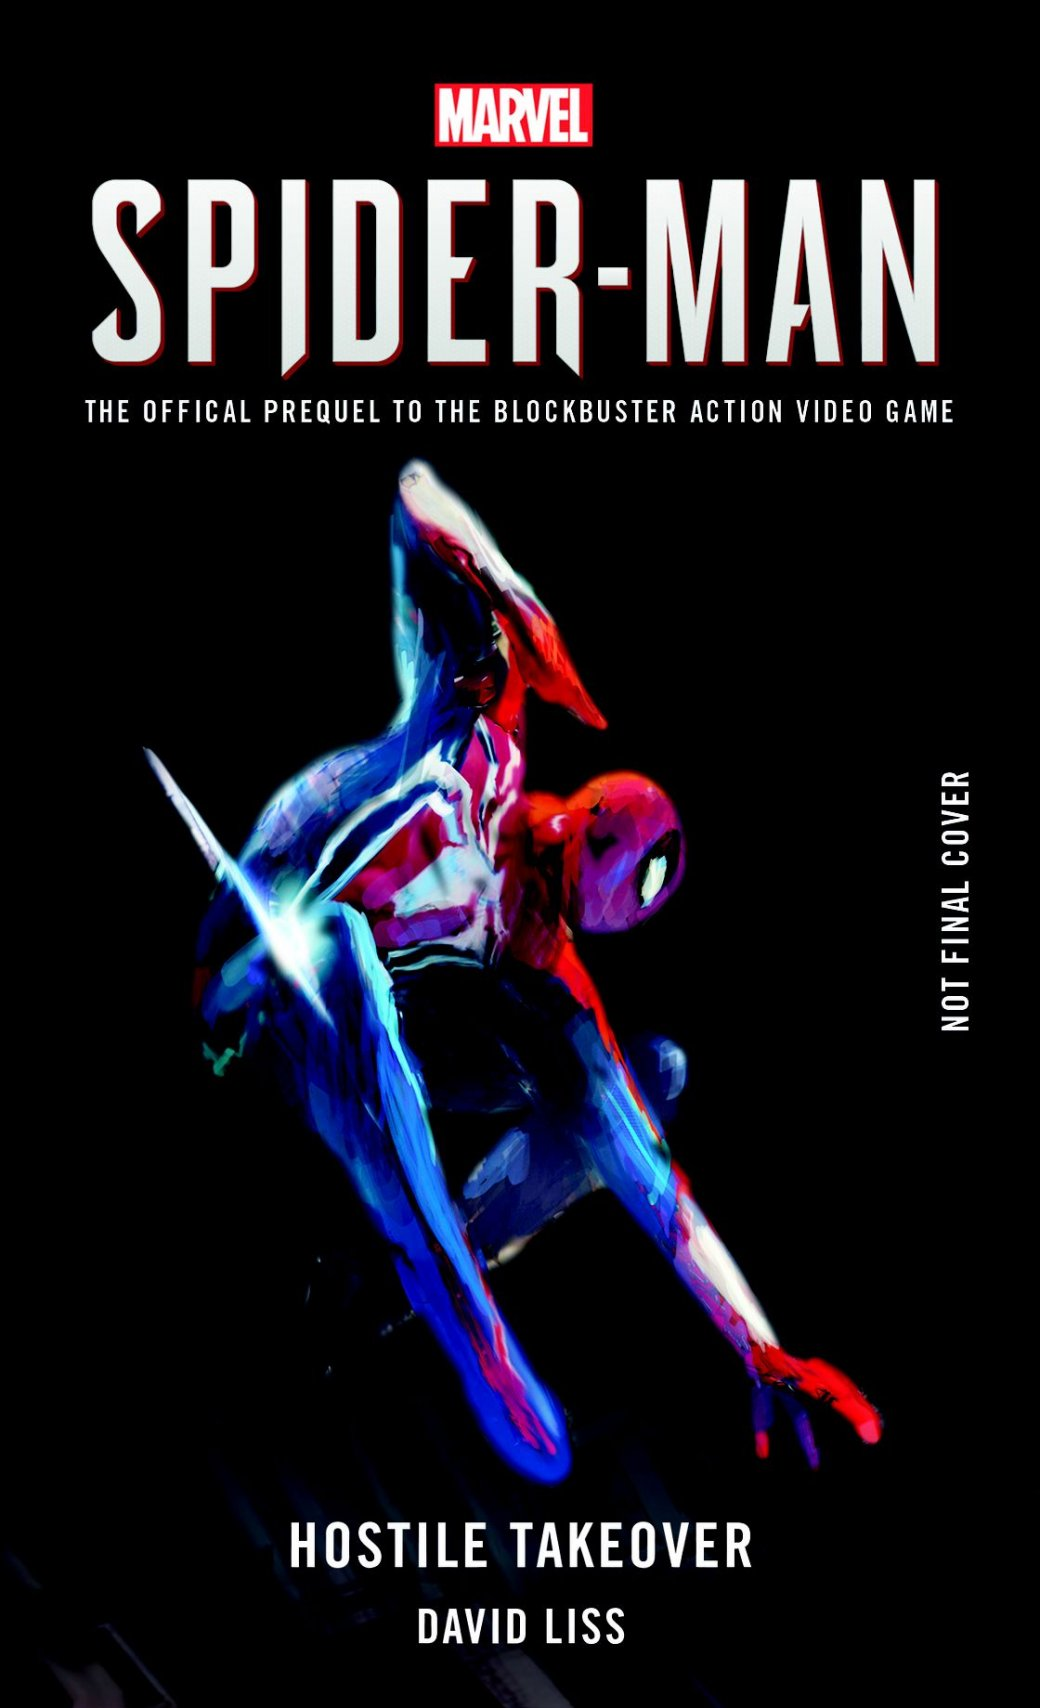 Spider-Man для PS4 получит две книги с предысторией и артбук от издательства Titan. - Изображение 2